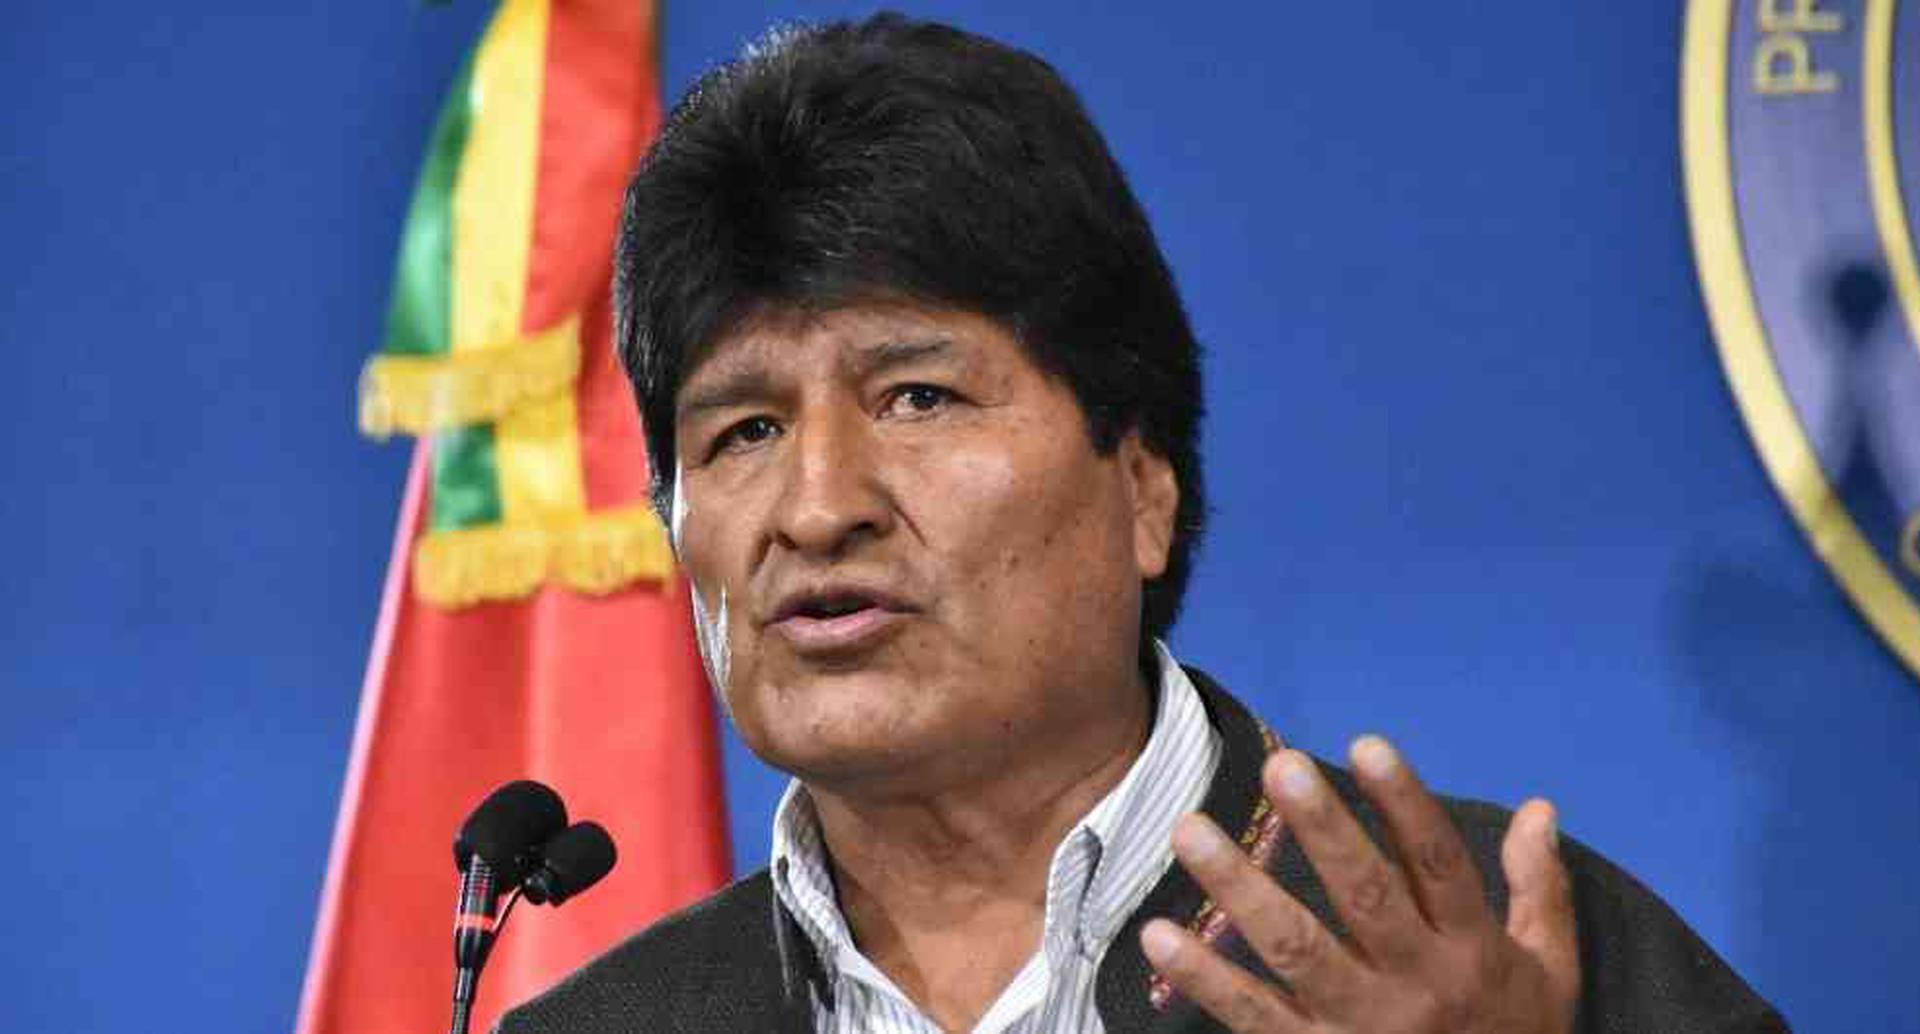 El nuevo gobierno de derecha de Bolivia pidió una orden de captura contra Evo Morales.